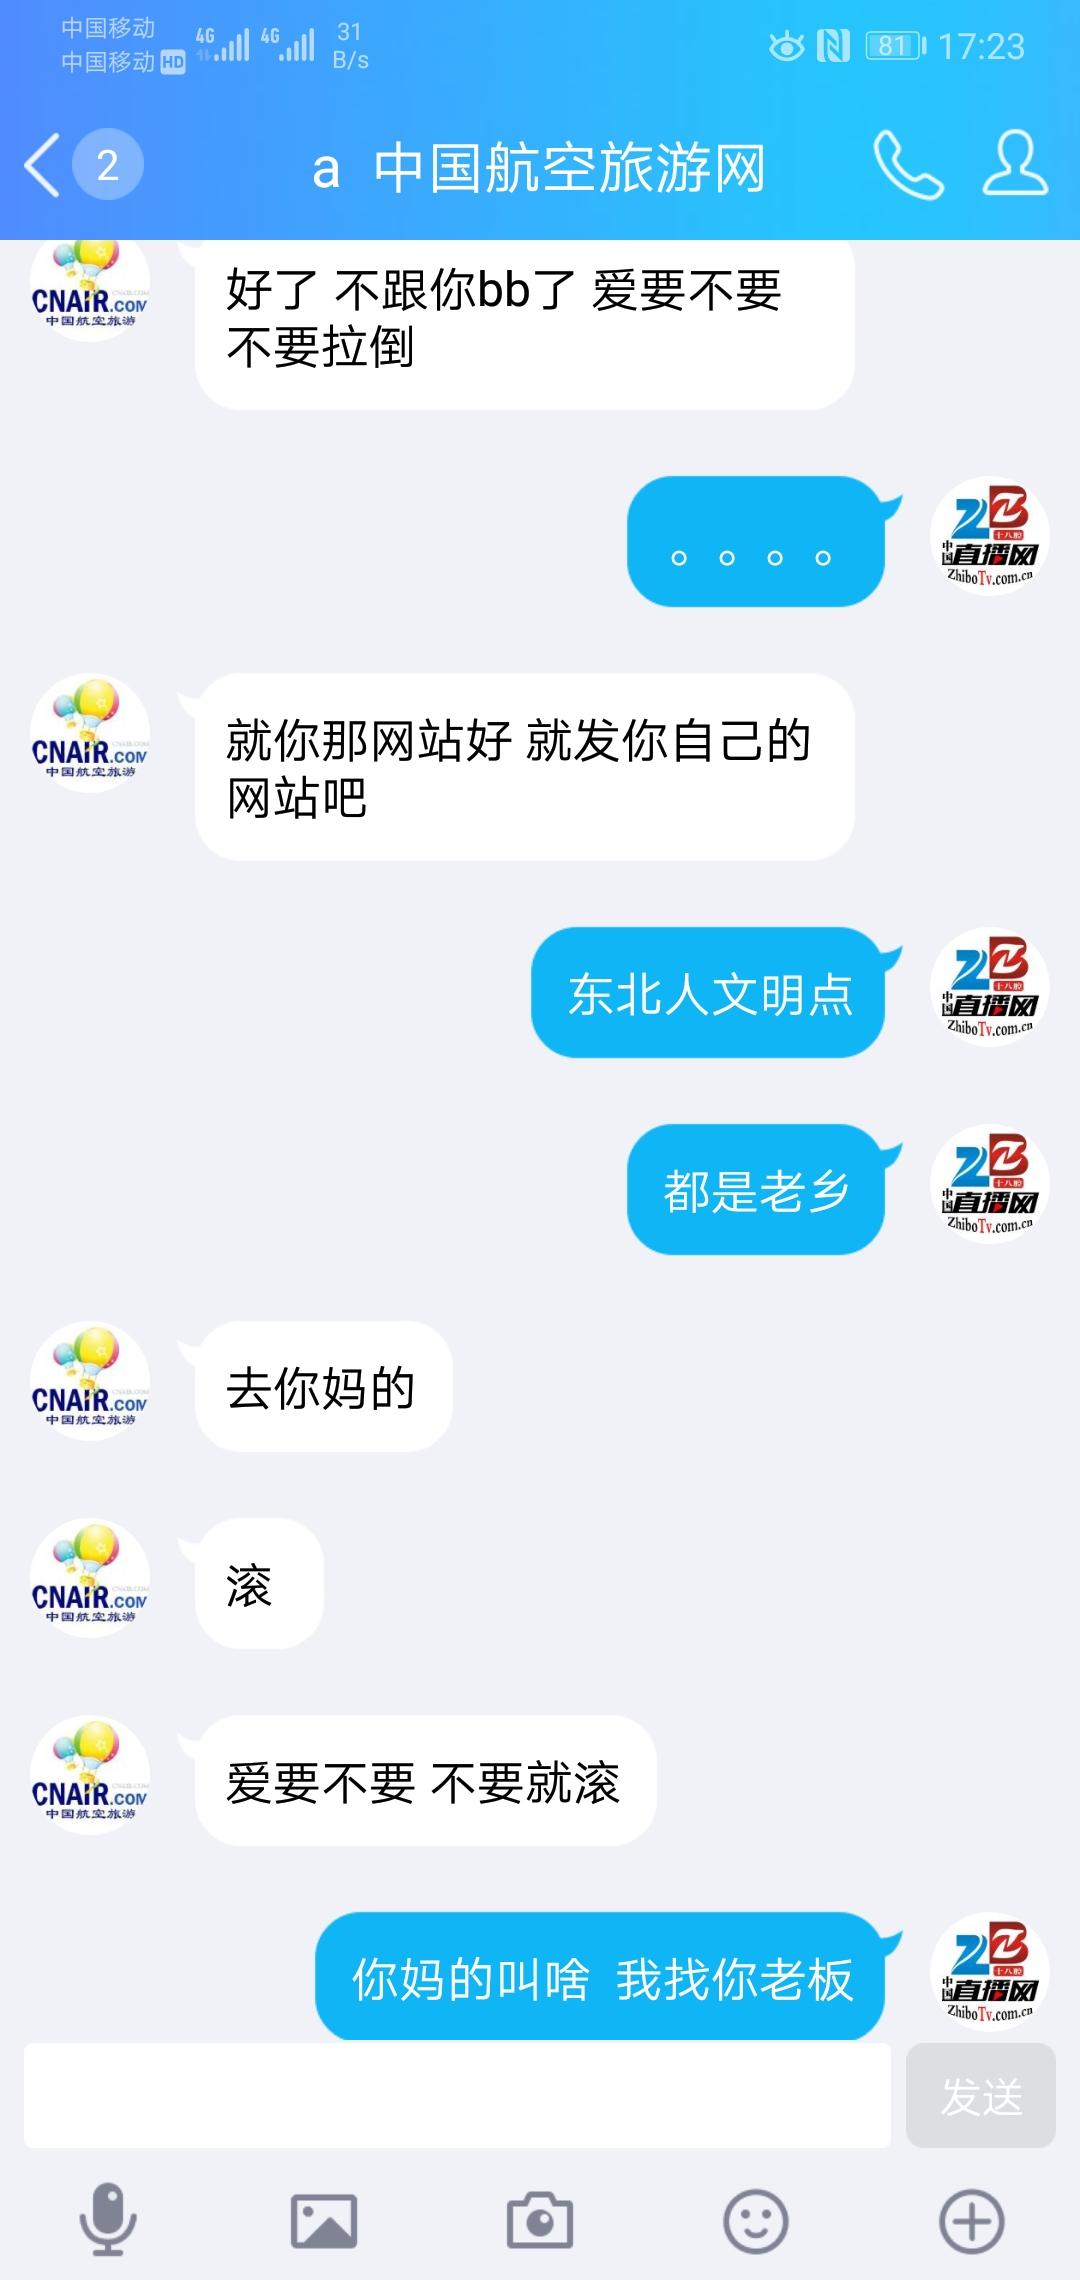 中国娱乐网yule.com.cn编辑主动加好友狂骂人后秒删拉黑